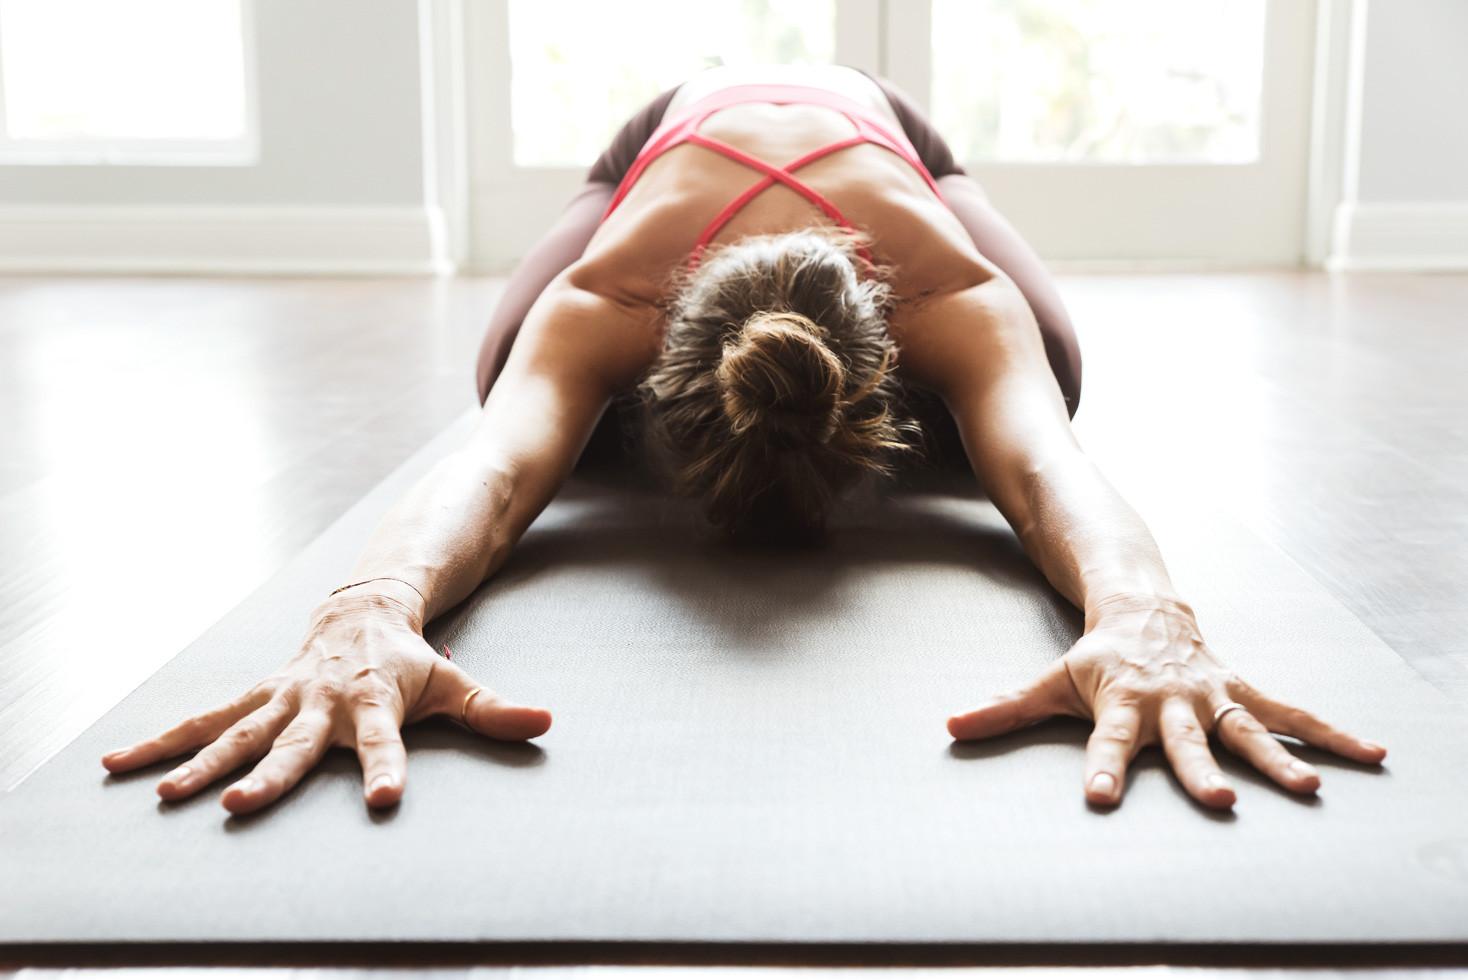 yin-yoga-teacher-training-lana-nelson-ma